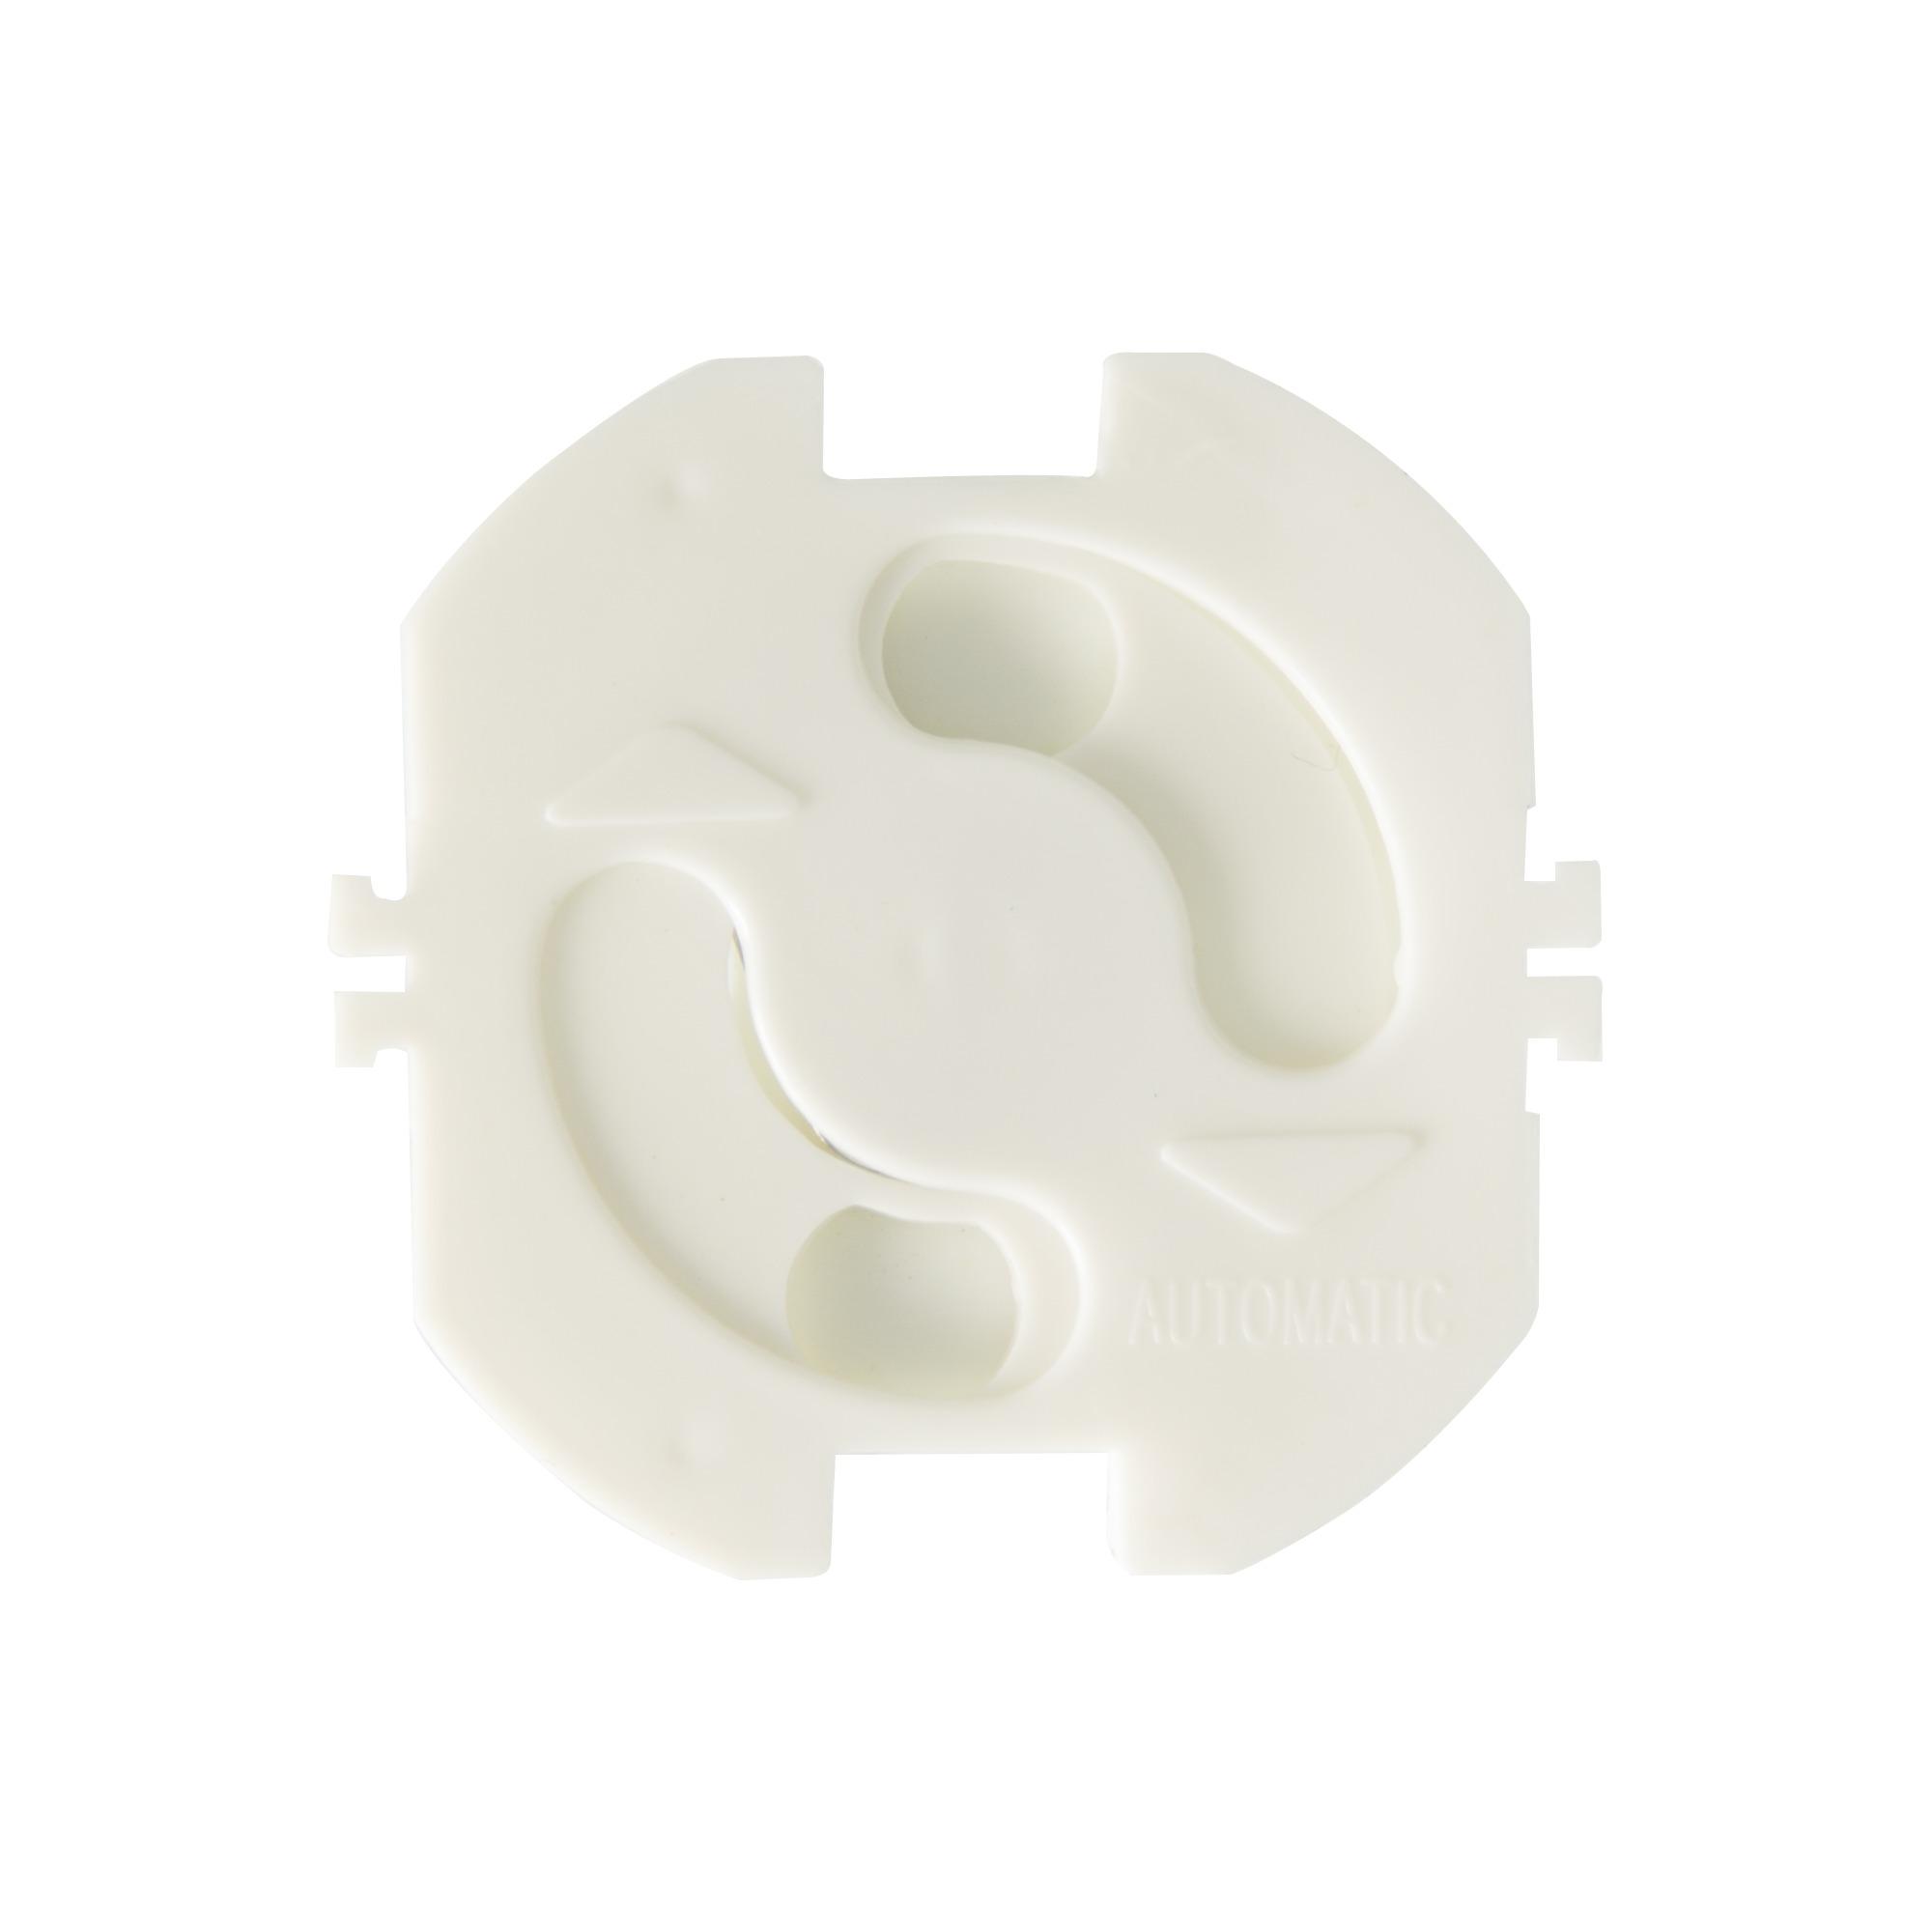 stopcontact beveiligers 5 stuks in blister